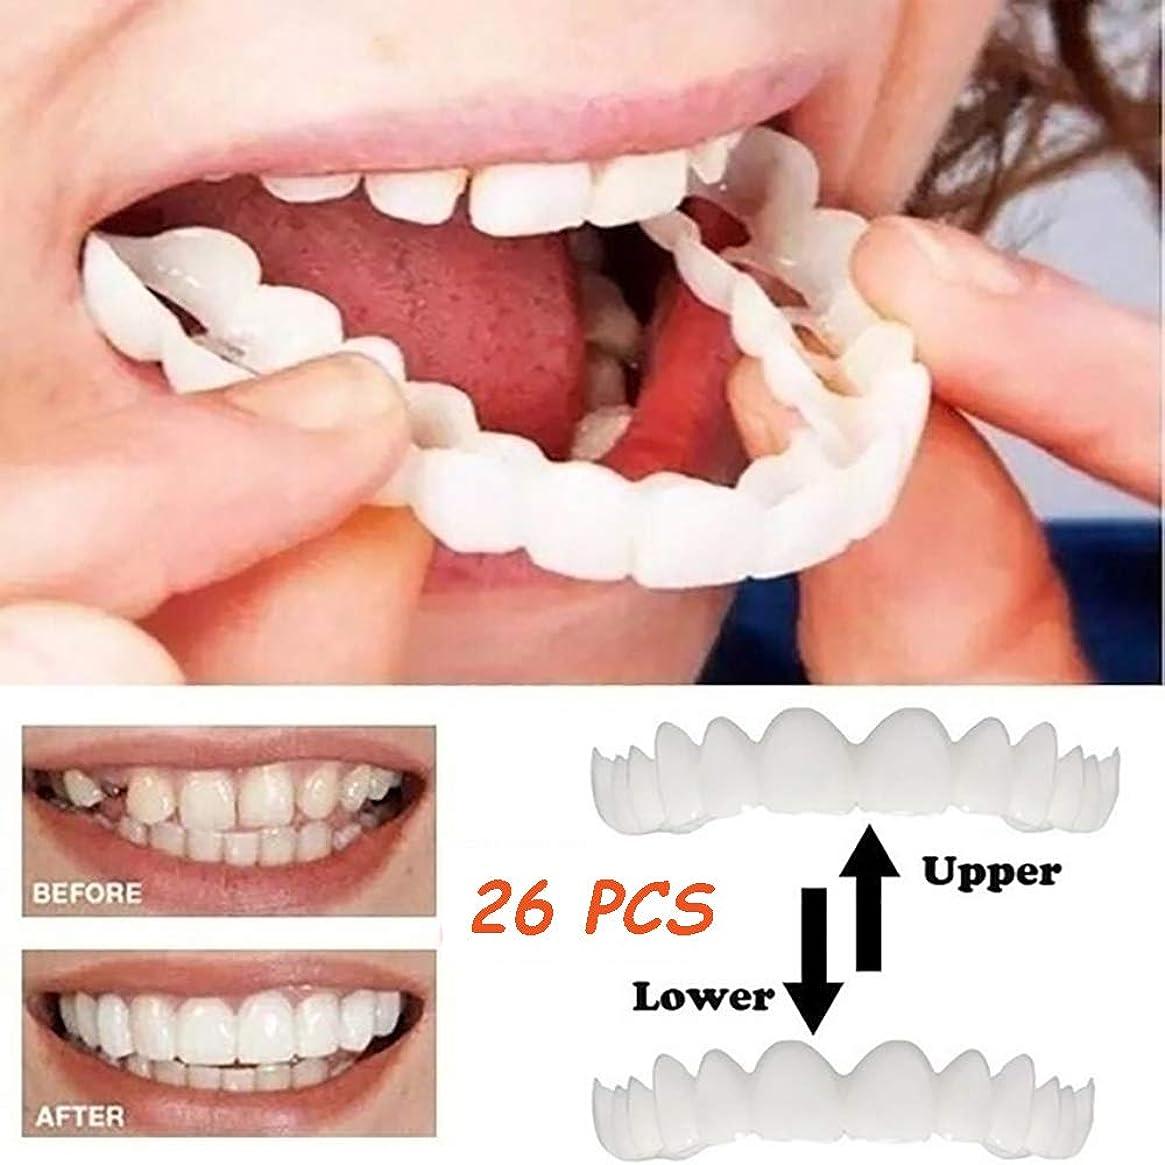 オゾン抵抗力がある機械最新の突き板の歯、26個一時的な笑顔の快適フィット化粧品の歯義歯の歯の化粧品のステッカー、訂正の歯偽の義歯の悪い歯のベニヤホワイトニング(下+上)